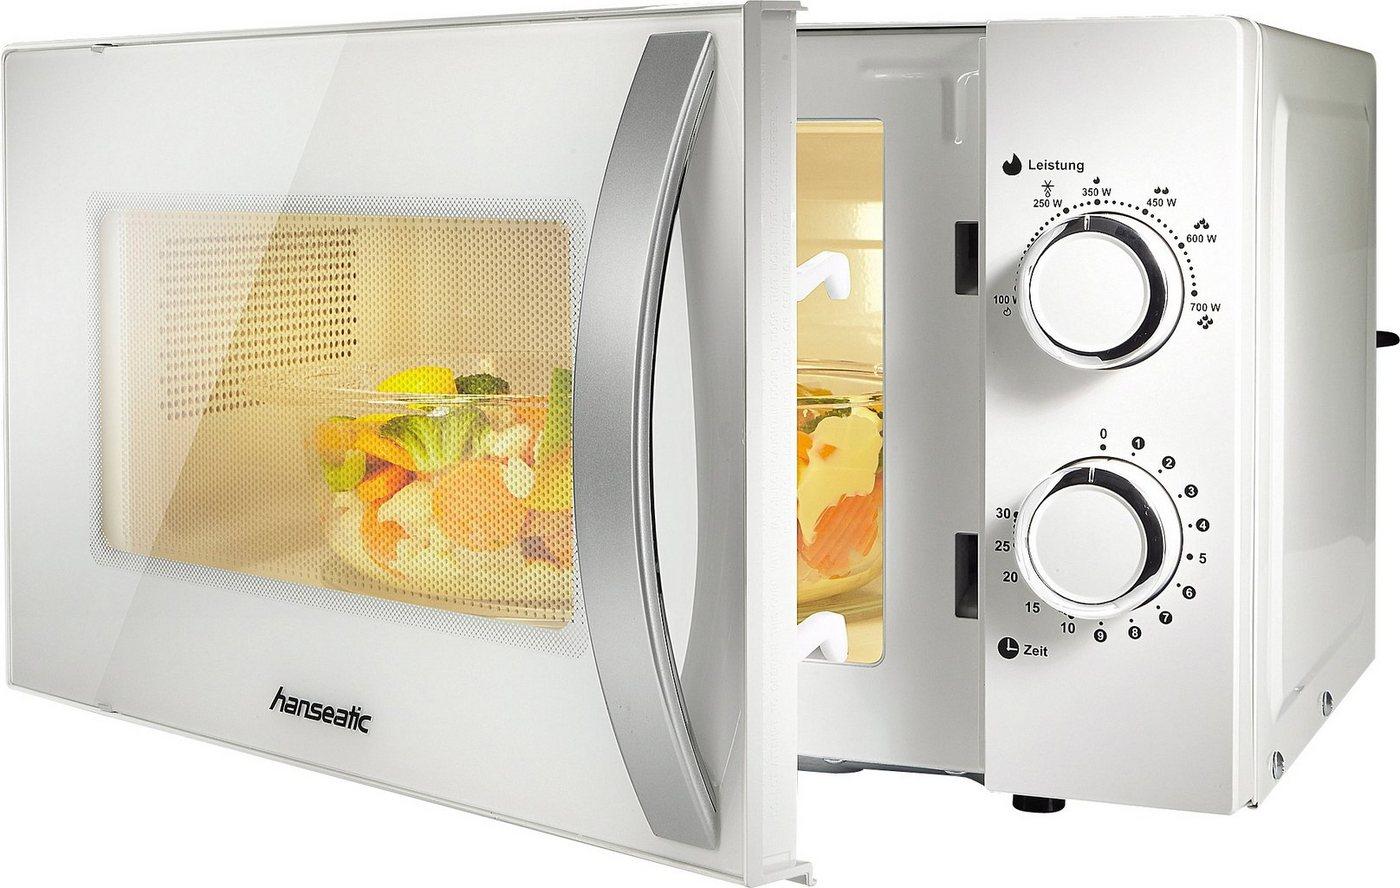 *Hanseatic Mikrowelle SMH207P3H-P weiß, 700 W, Auftaufunktion*